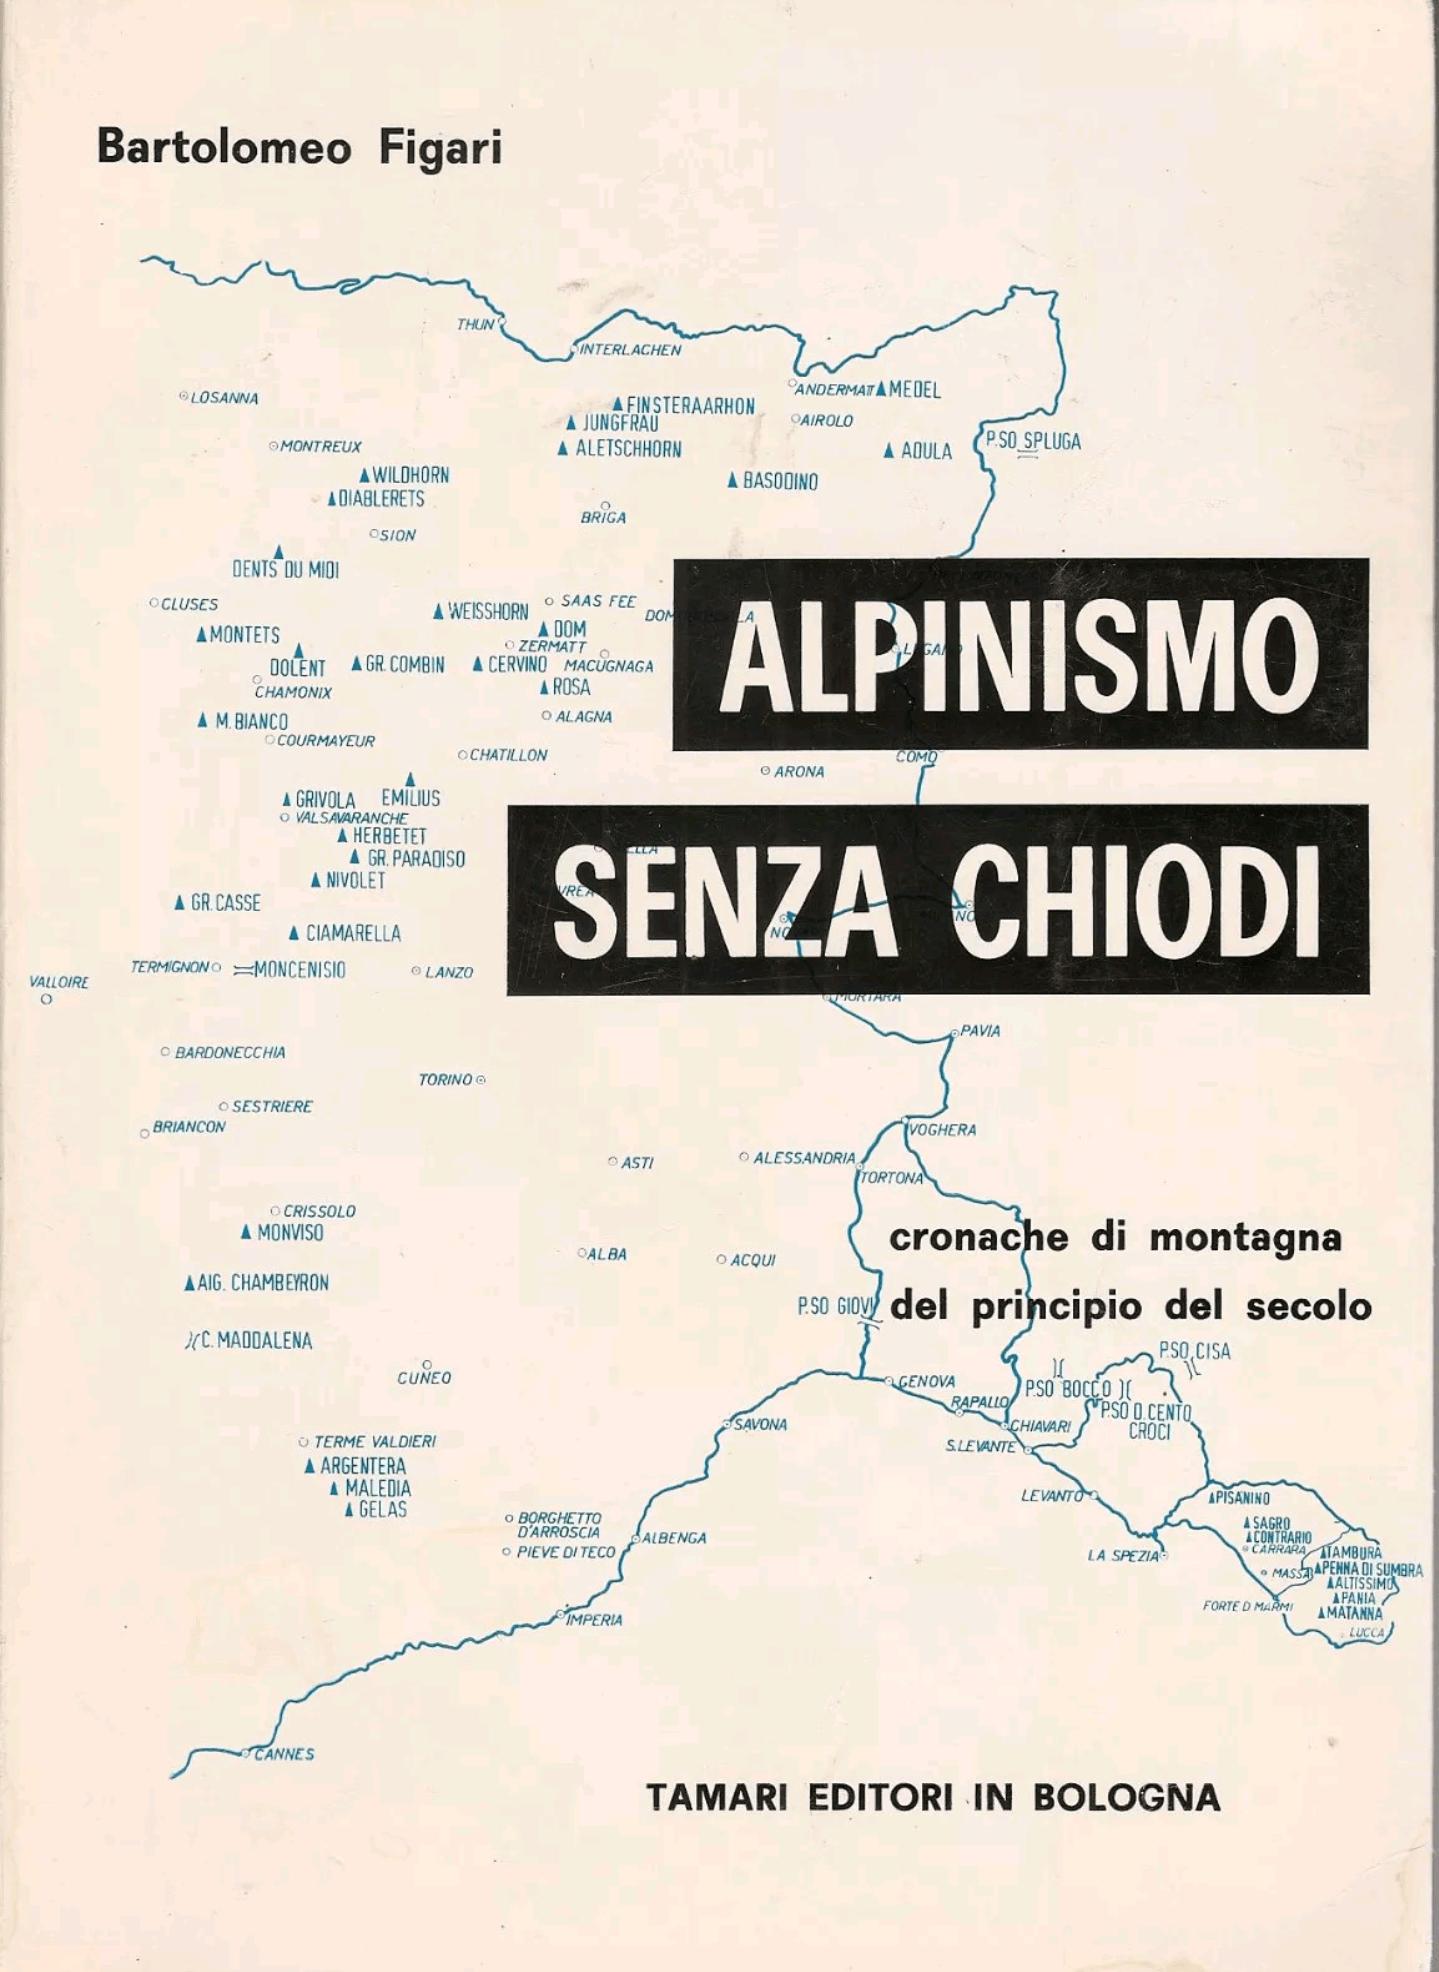 """""""Alpinismo senza chiodi"""" di Bartolomeo Figari, il libro cult della montagna"""